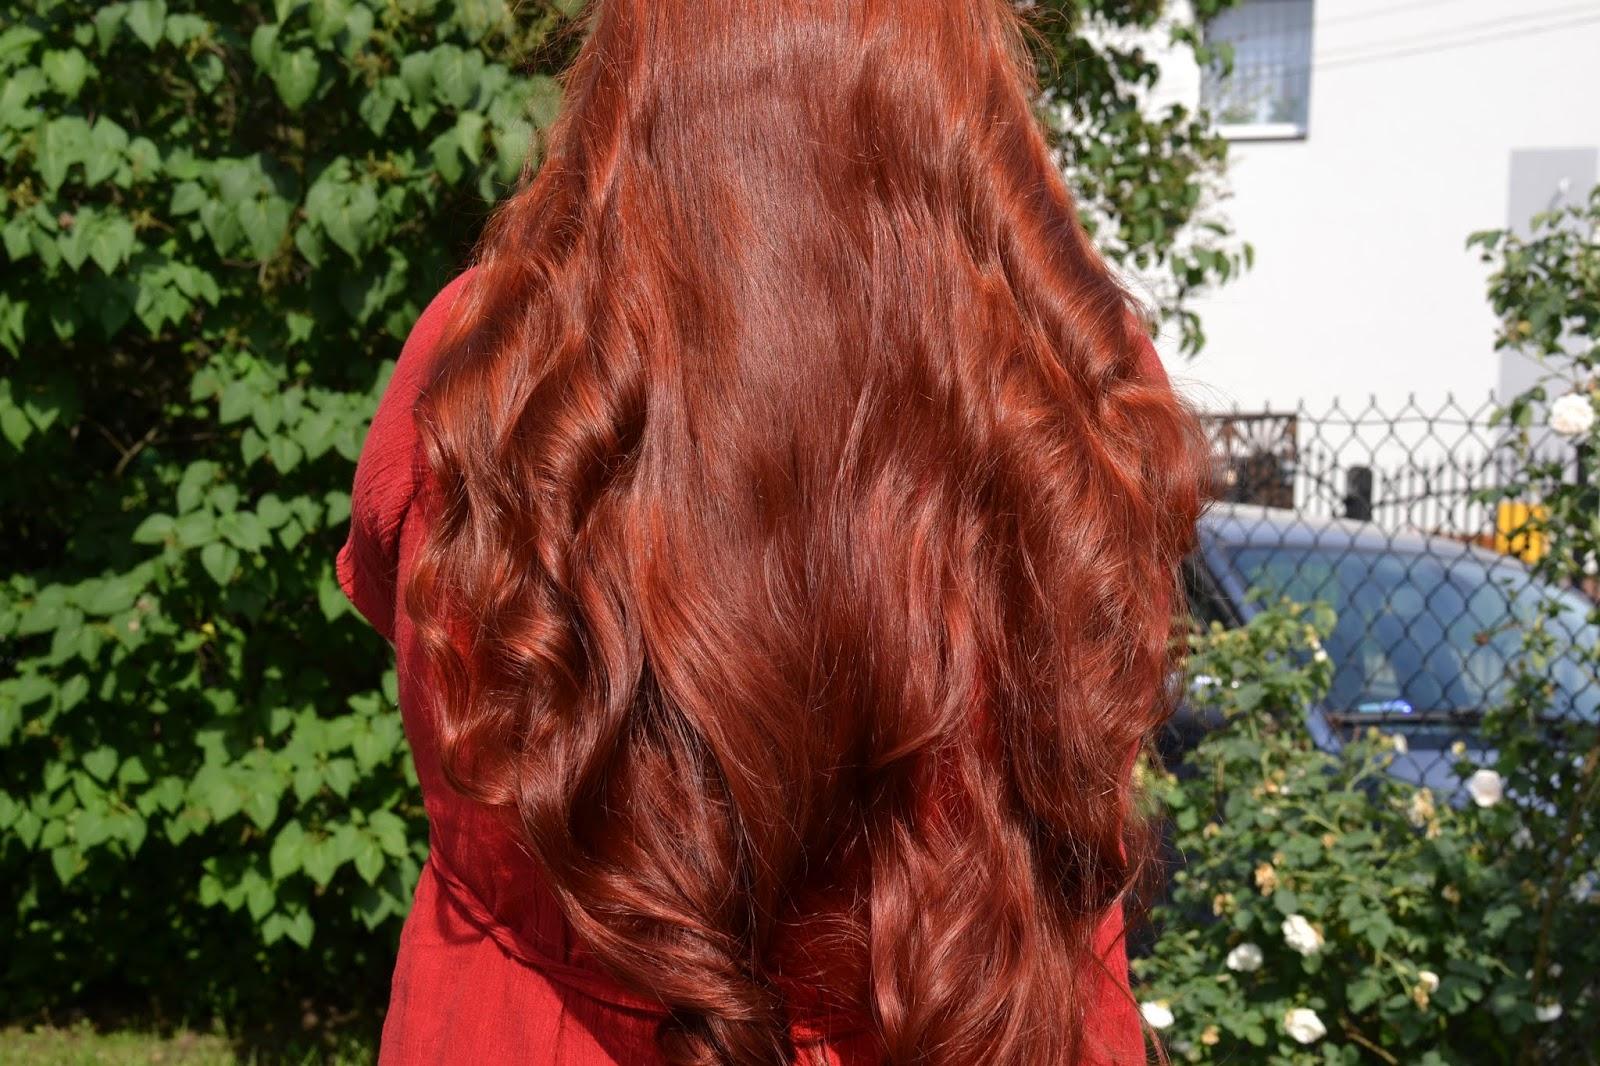 Czas dla włosów, Monika: Kilka nowości w użyciu - olej z pestek moreli, nowy szampon EcoLab